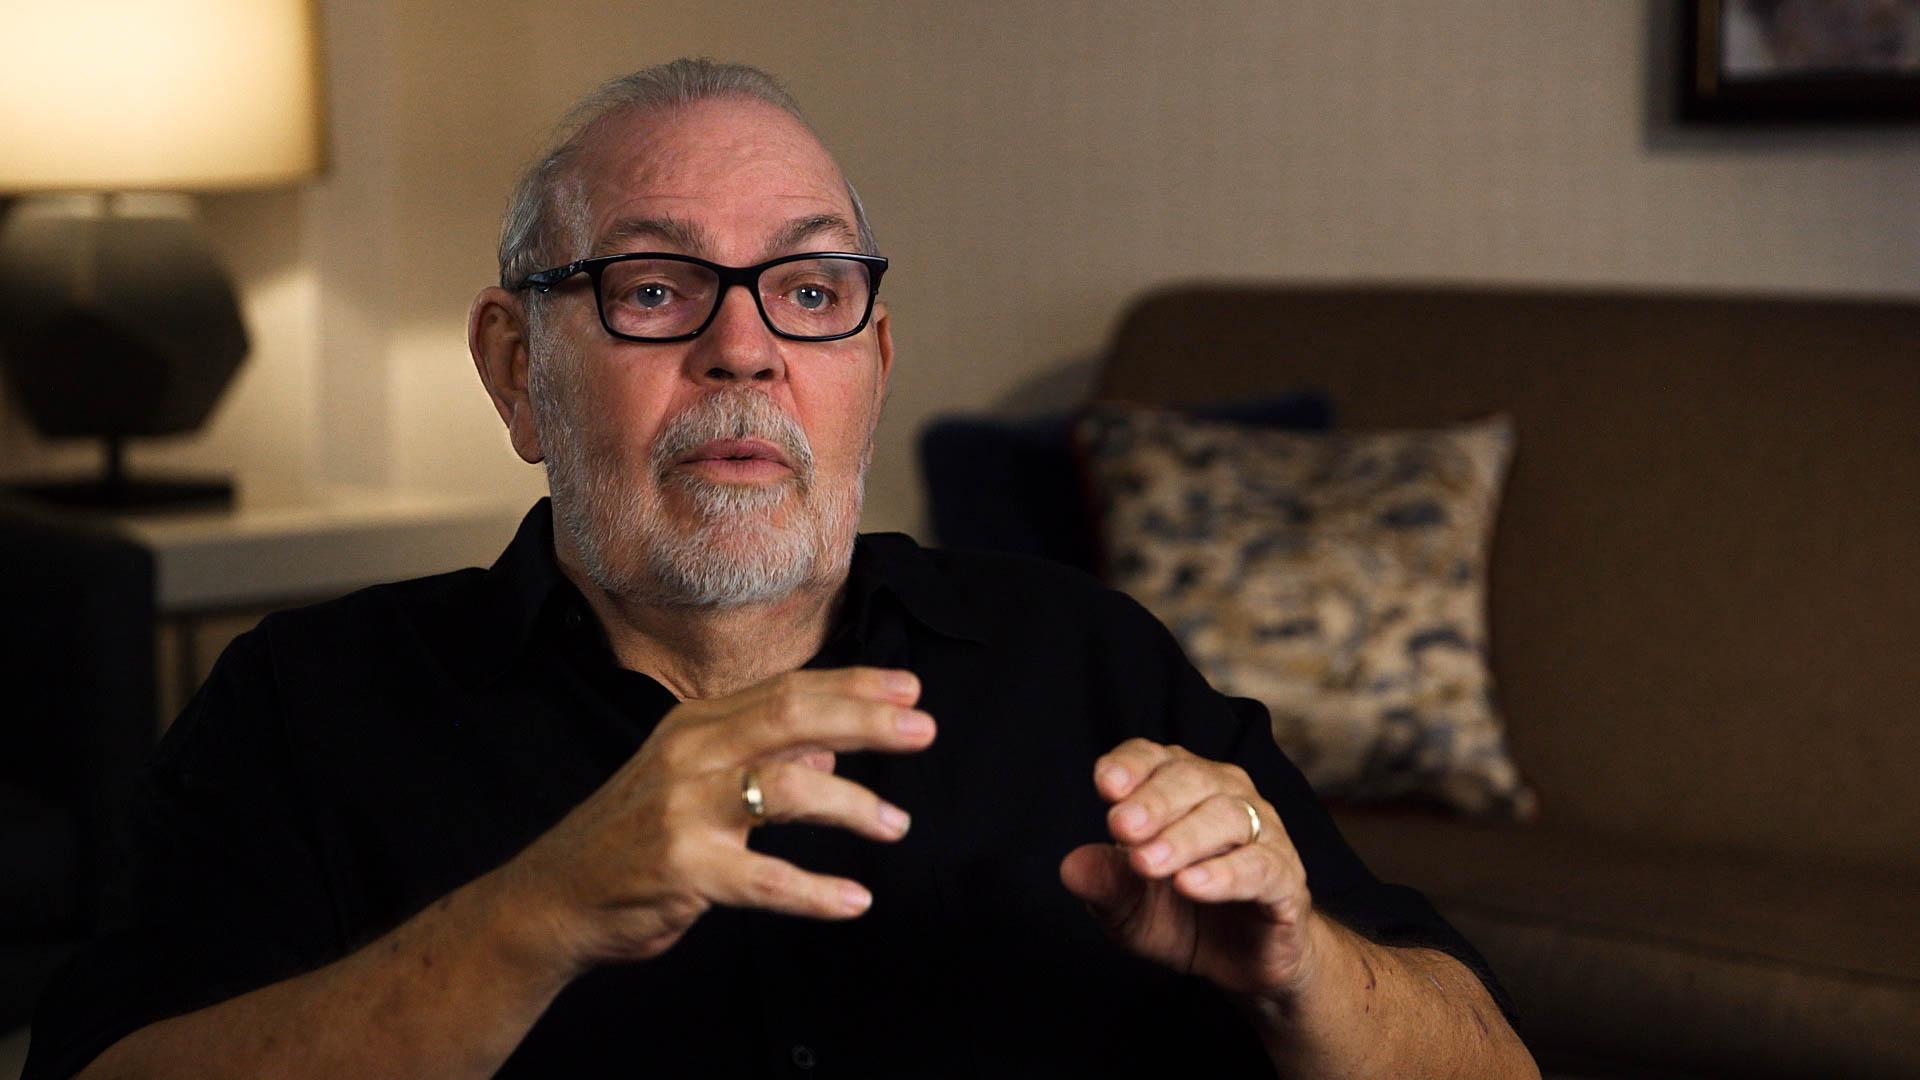 Dan Guntz St. Louis Crew Interview with Dan Guntzelman